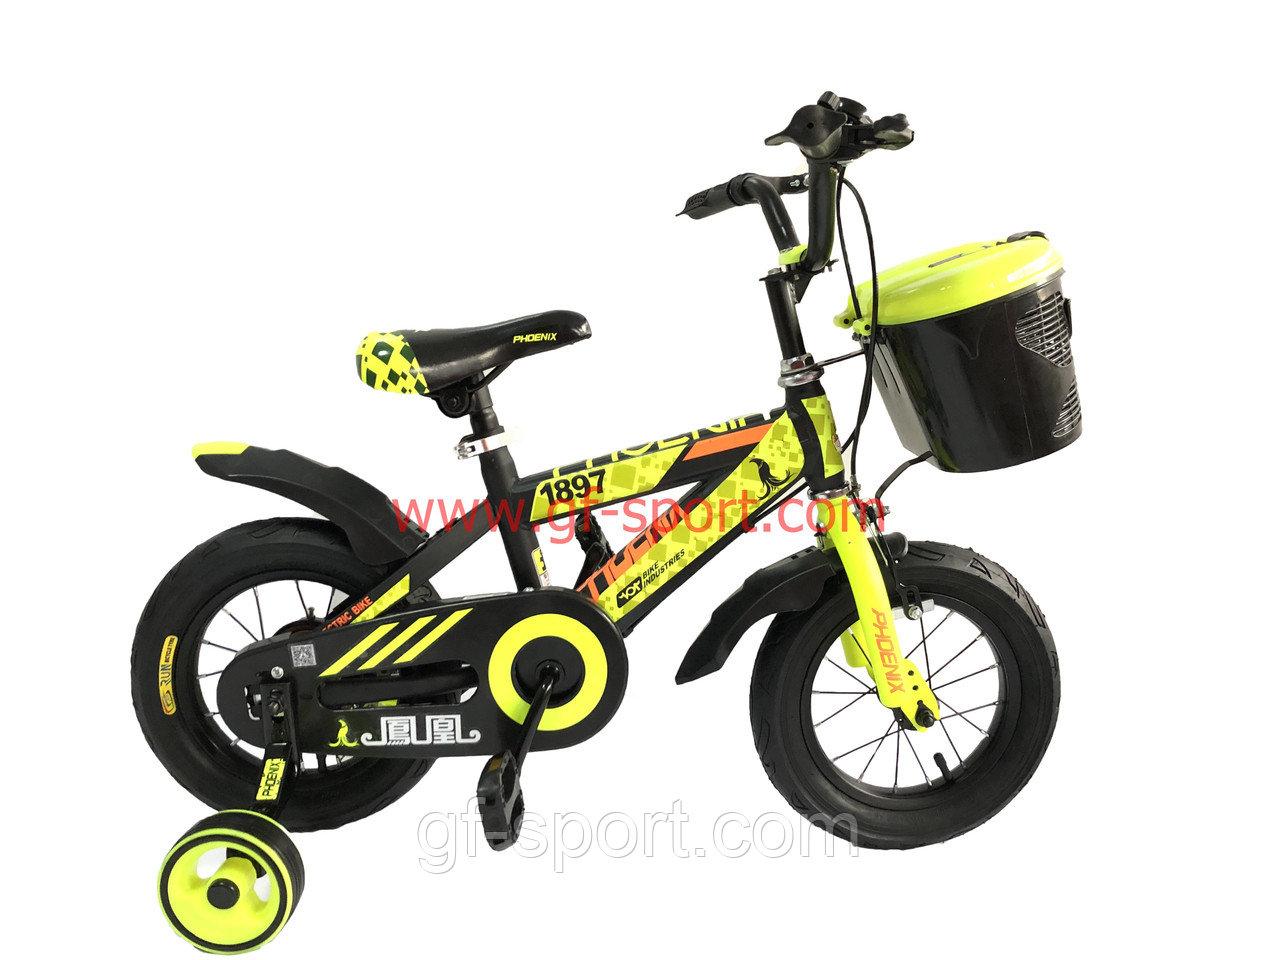 Велосипед Phoenix алюминиевый сплав оригинал детский с холостым ходом 12 размер